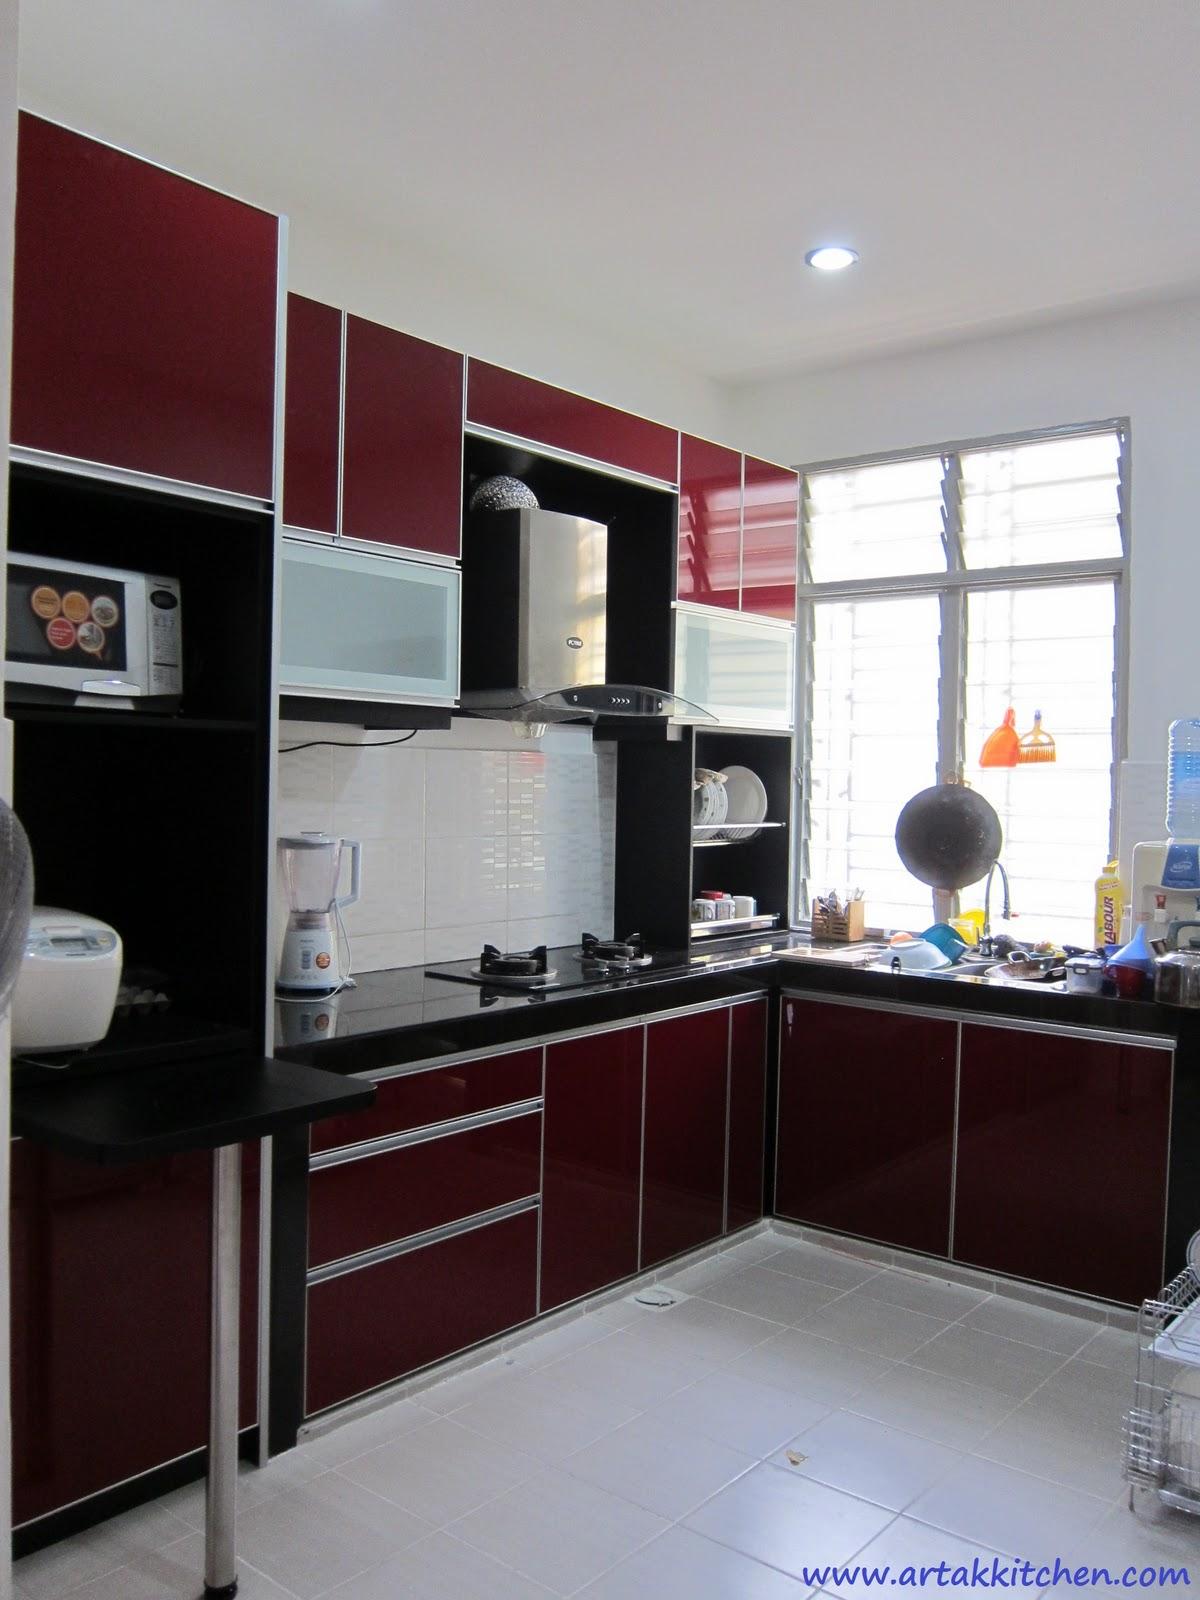 new kitchen cabinet design m=1 1829